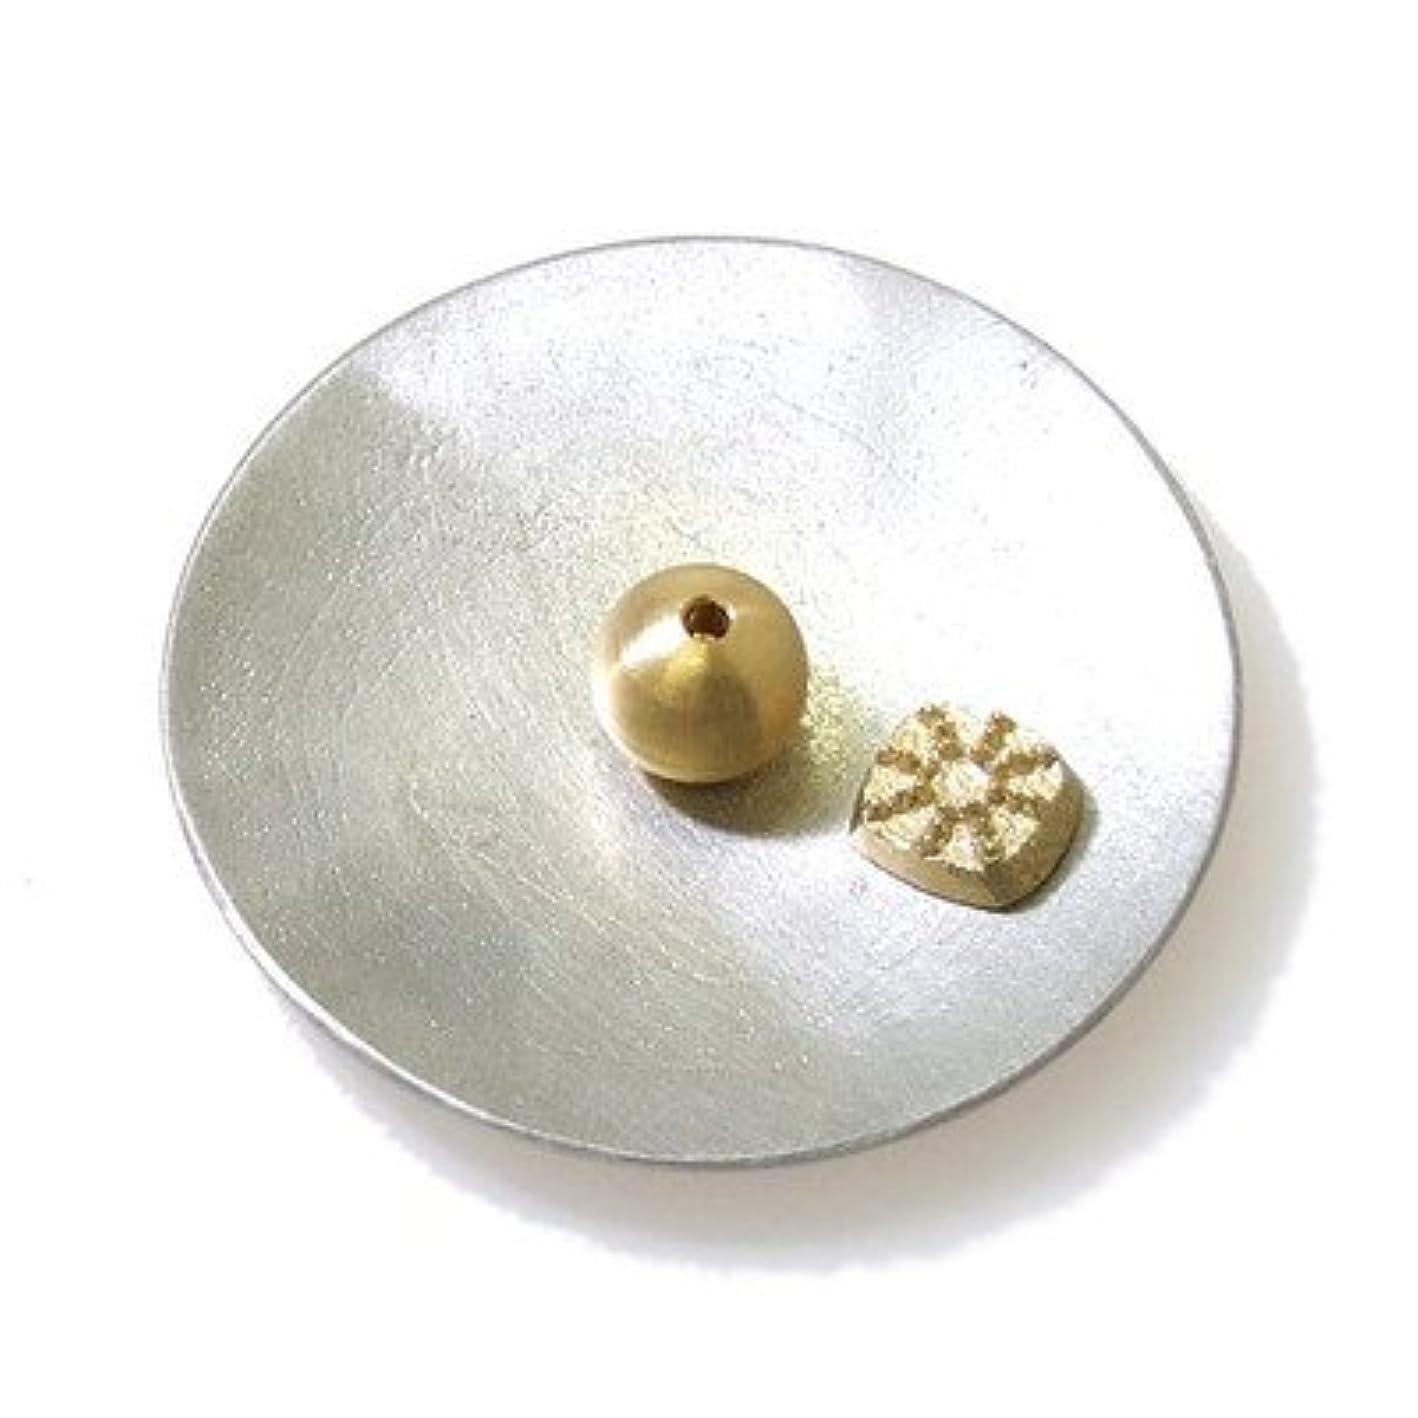 机エールまばたき能作 (のうさく) 香の器セット-丸- 錫